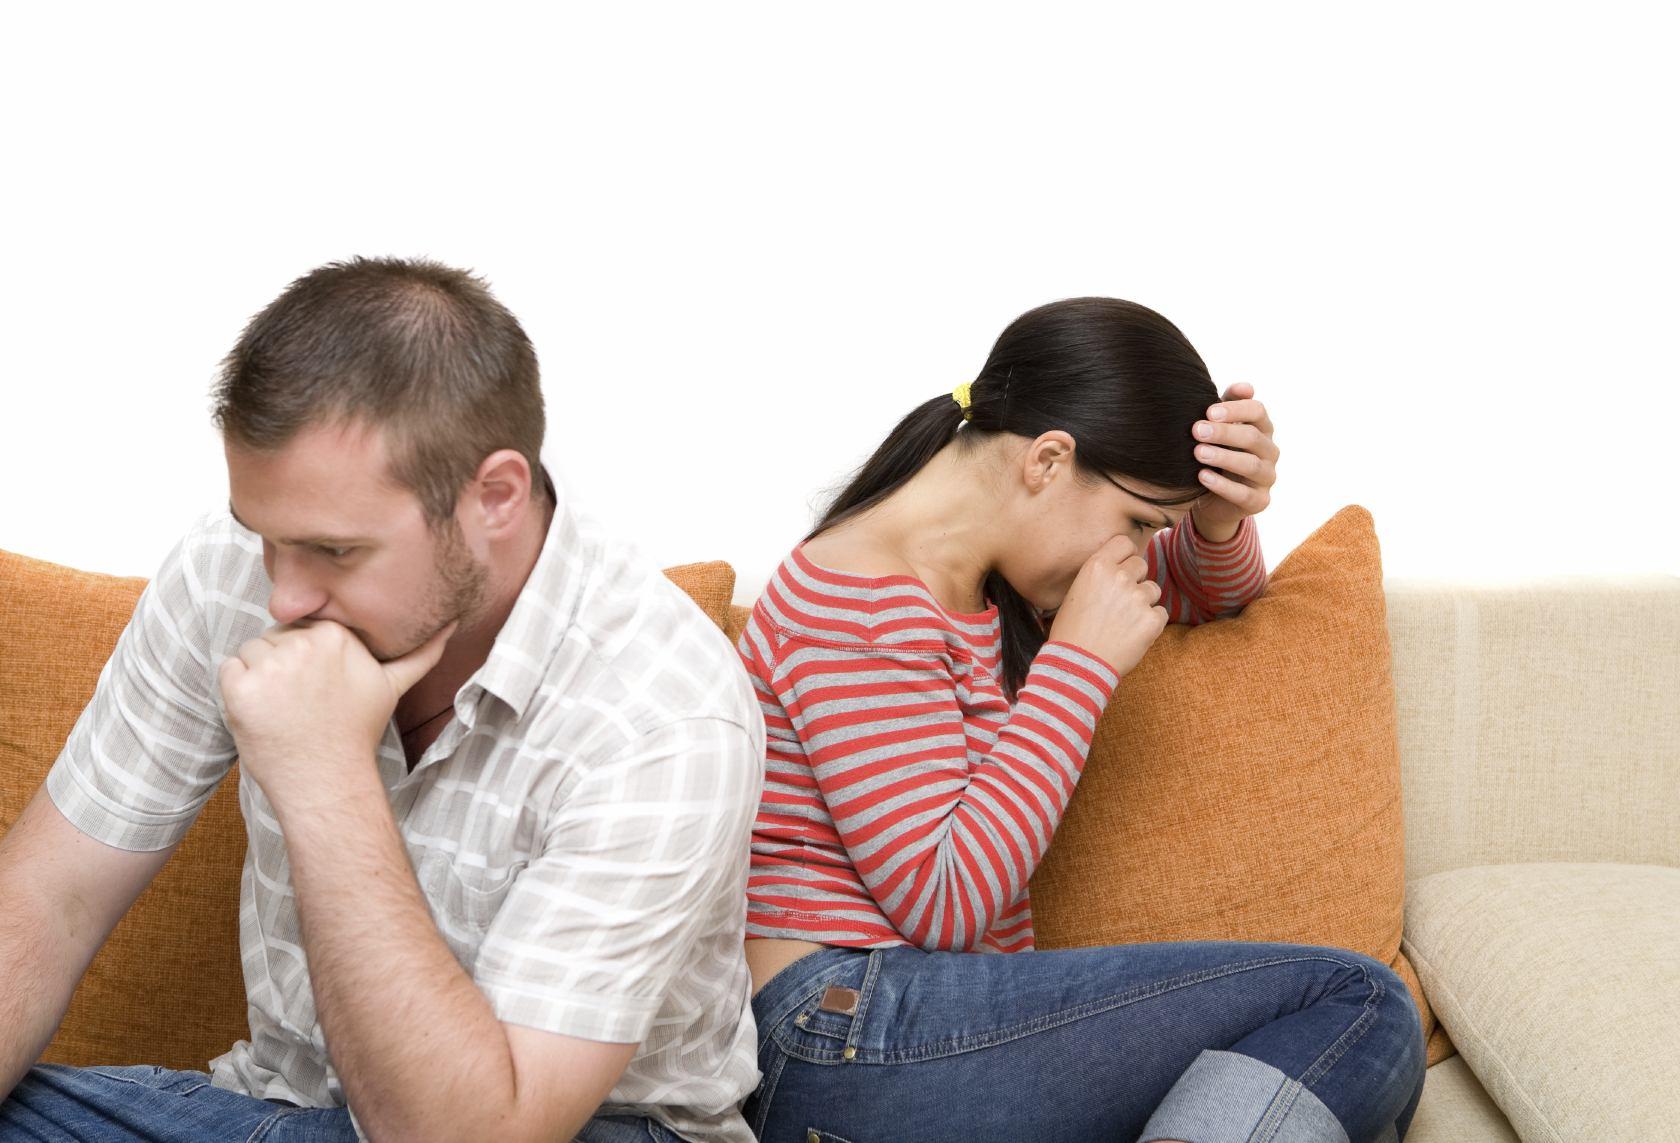 بالصور اسباب فشل الزواج , اسباب تؤدي للطلاق 2018 3